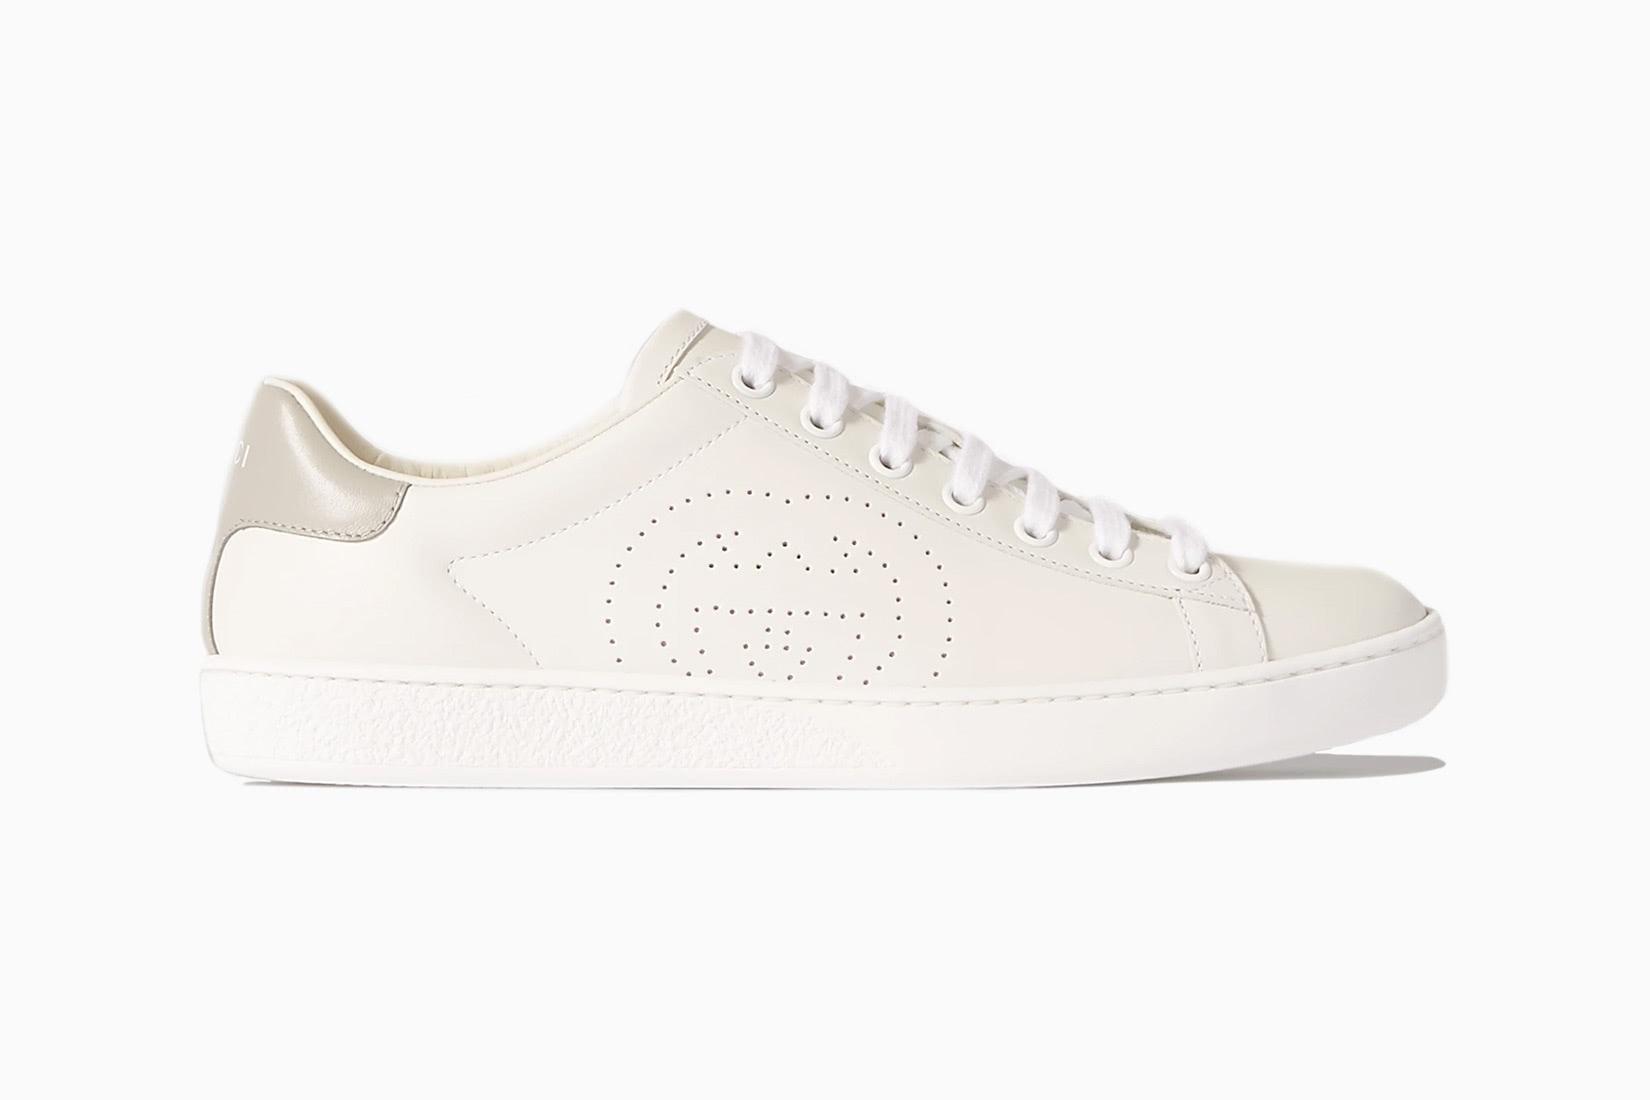 best women walking shoes gucci ace sneakers - Luxe Digital